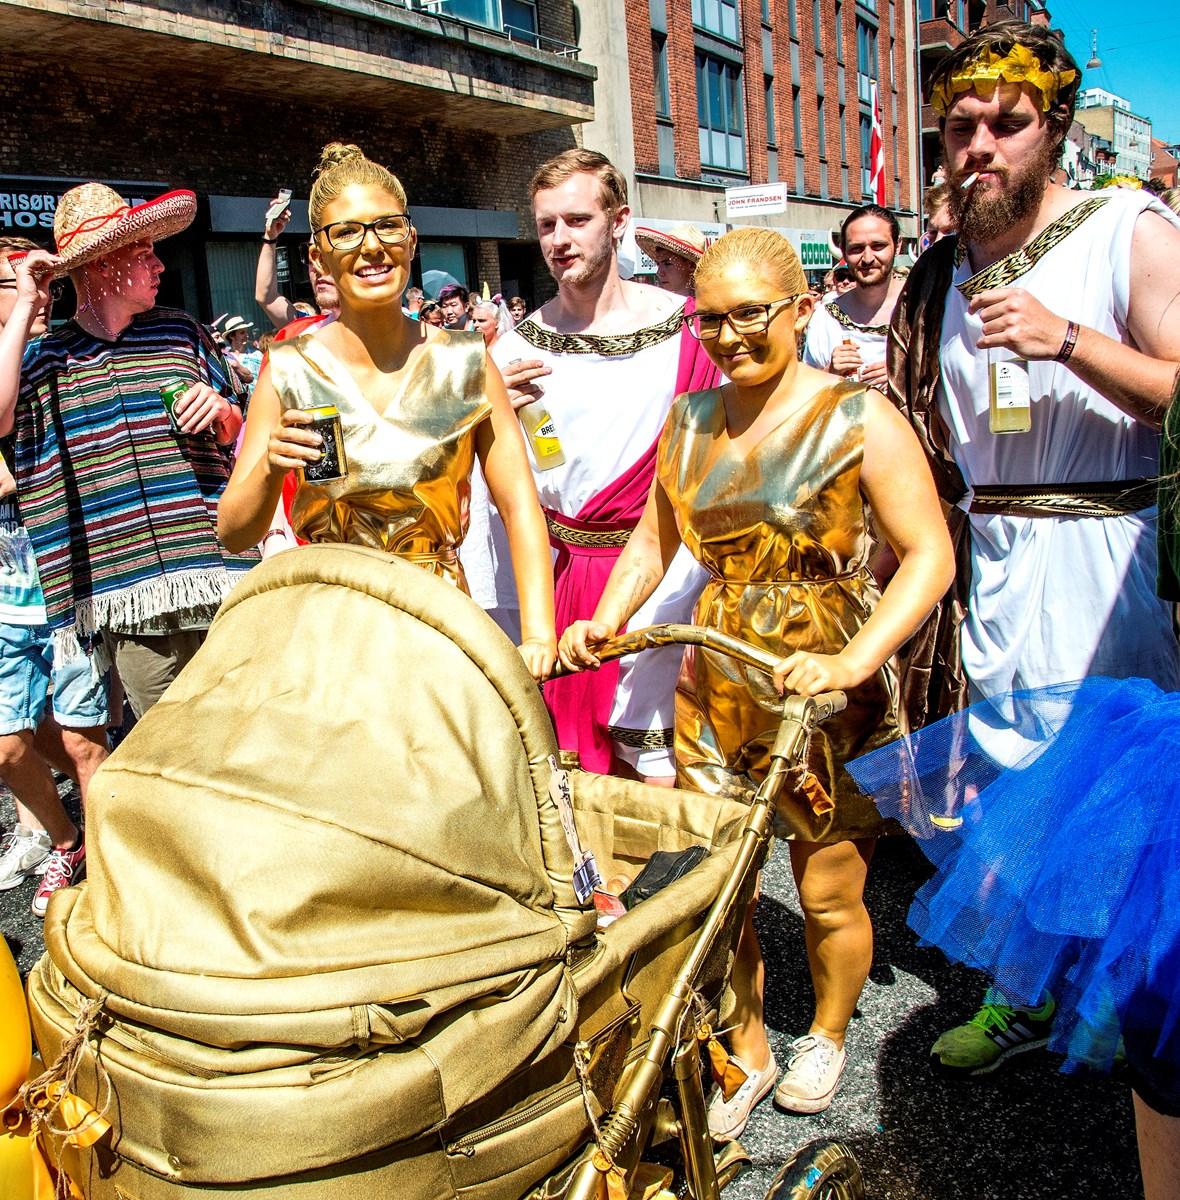 Karneval: Brugte barnevogne rives væk